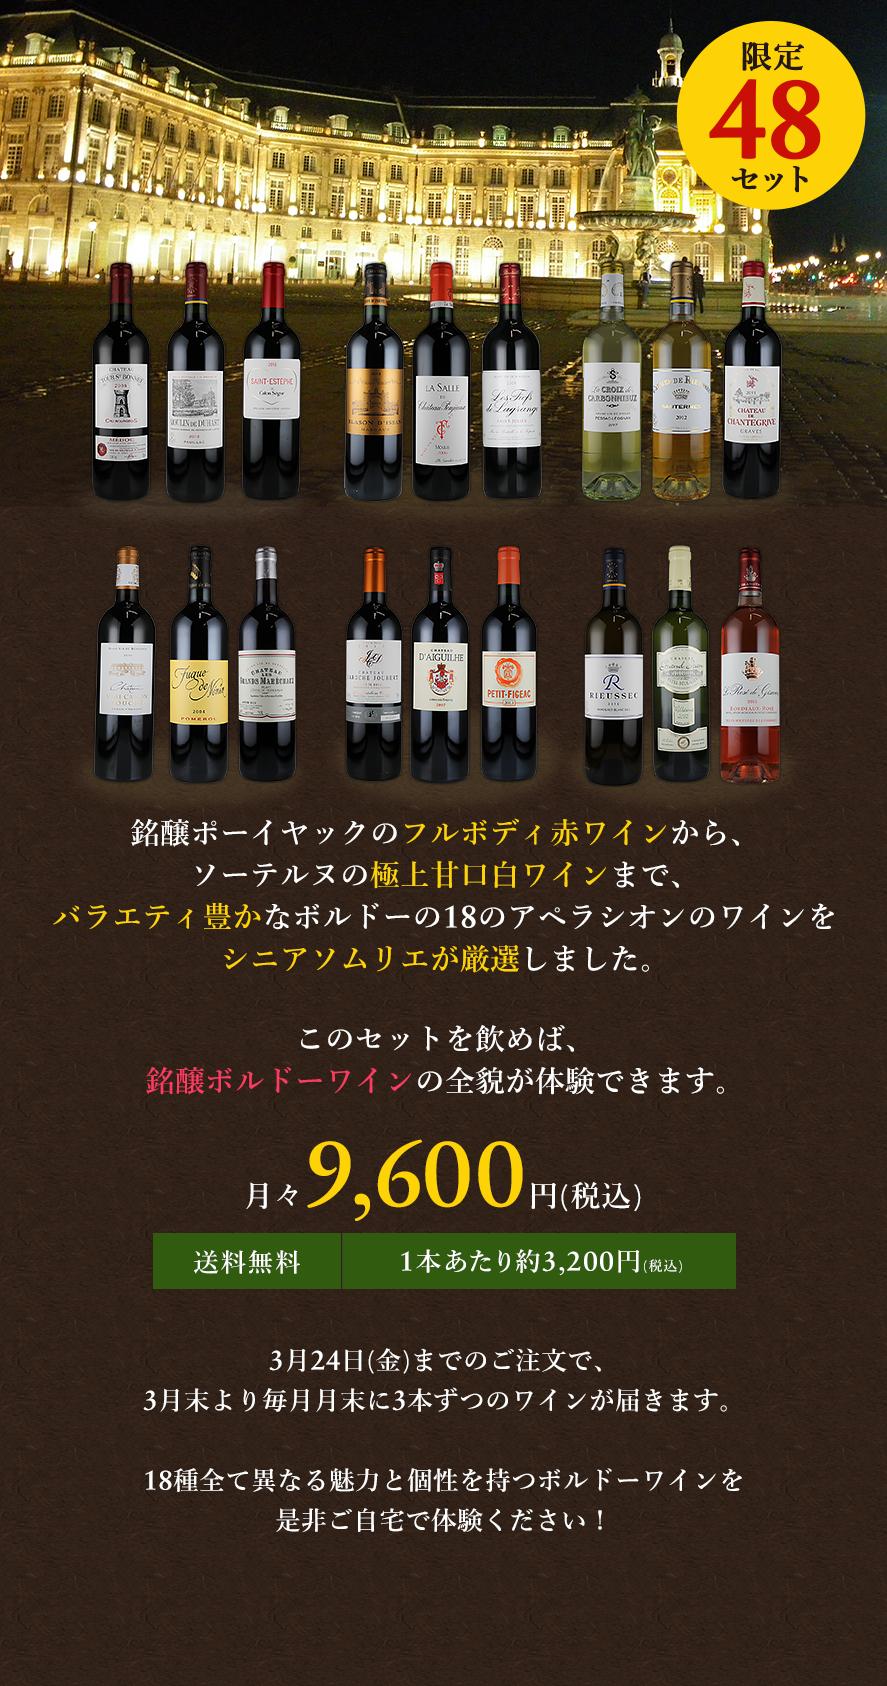 限定48セット 銘醸ポーイヤックのフルボディ赤ワインから、ソーテルヌの極上甘口白ワインまで、バラエティ豊かなボルドーの18のアペラシオンのワインをシニアソムリエが厳選しました。このセットを飲めば、銘醸ボルドーワインの全貌が体験できます。 月々9,600円(税込) 送料無料 1本あたり約3,200円(税込) 3月24日(金)までのご注文で、3月末より毎月月末に3本ずつのワインが届きます。18種全て異なる魅力と個性を持つボルドーワインを是非ご自宅で体験ください!